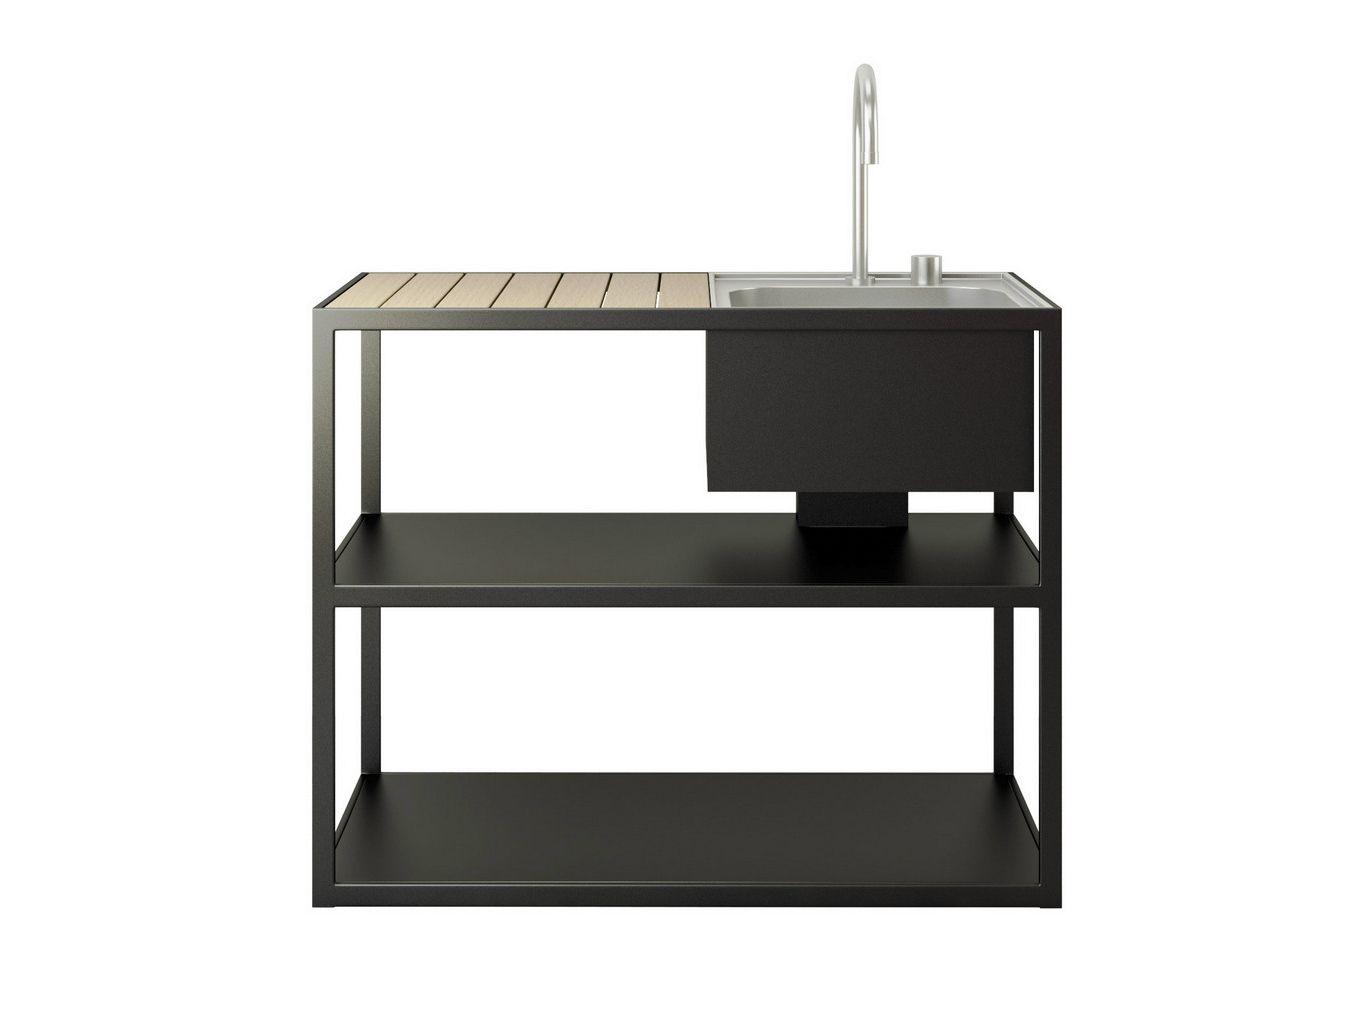 meuble vier pour l 39 ext rieur barbecues et accessoires par roshults pinterest meuble evier. Black Bedroom Furniture Sets. Home Design Ideas